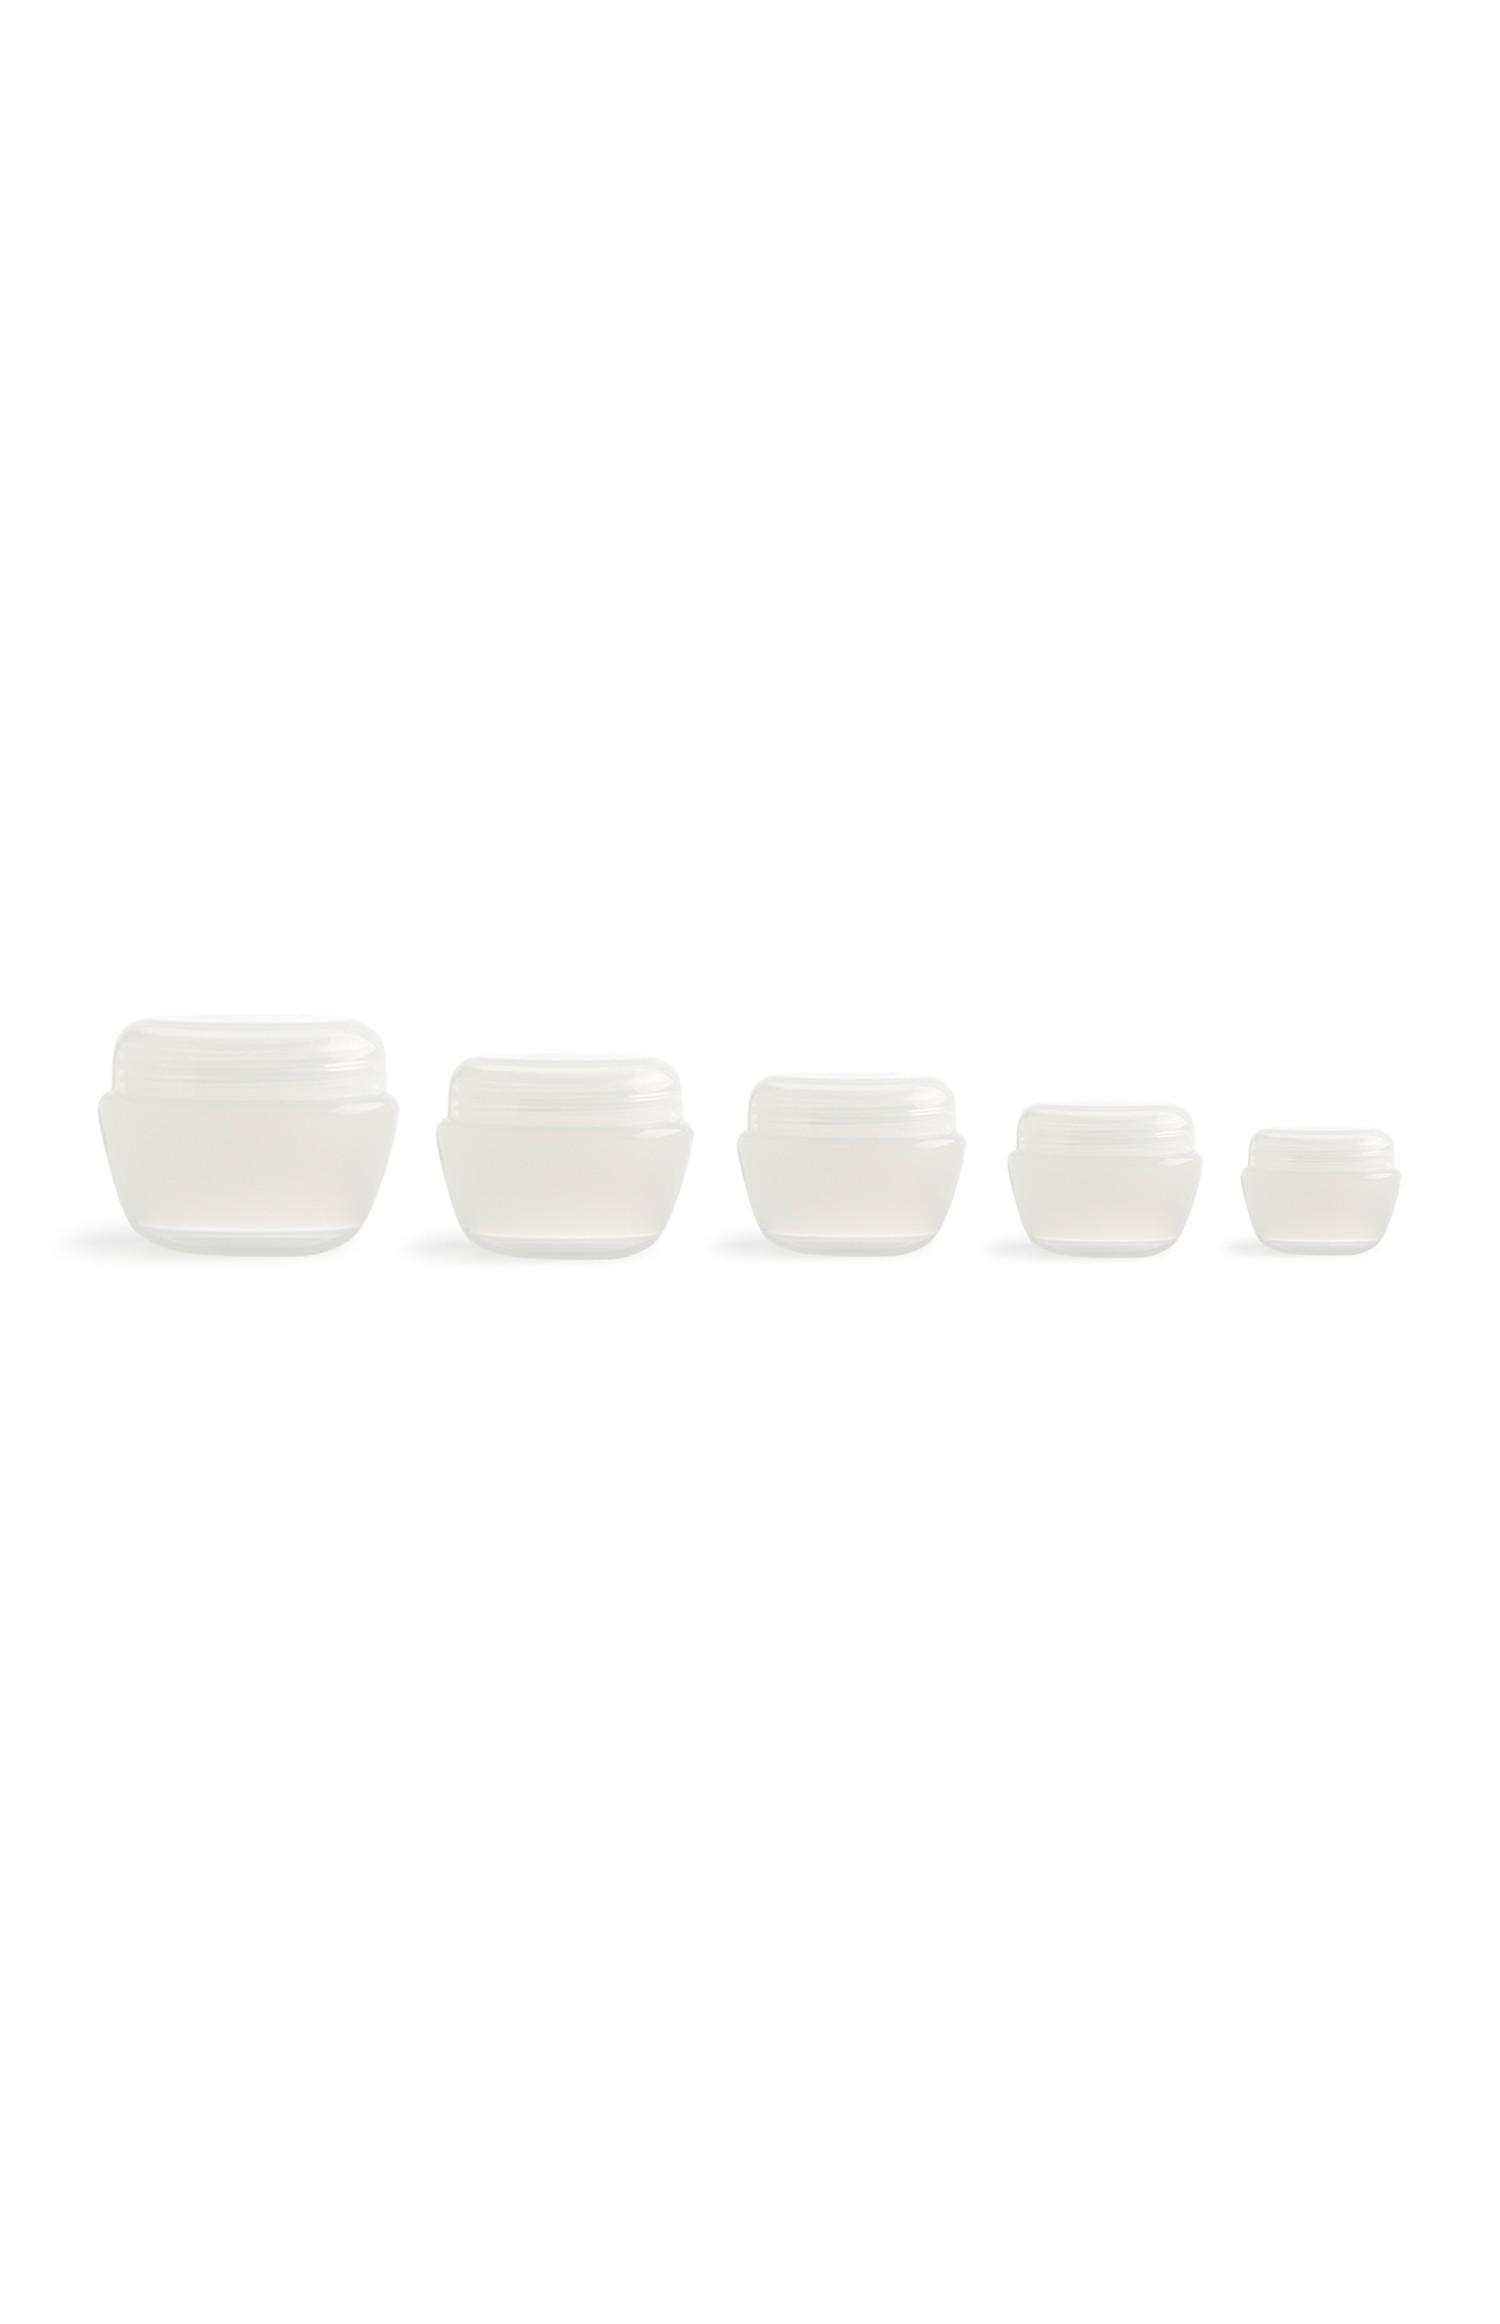 Cosmetic Jars 5Pk